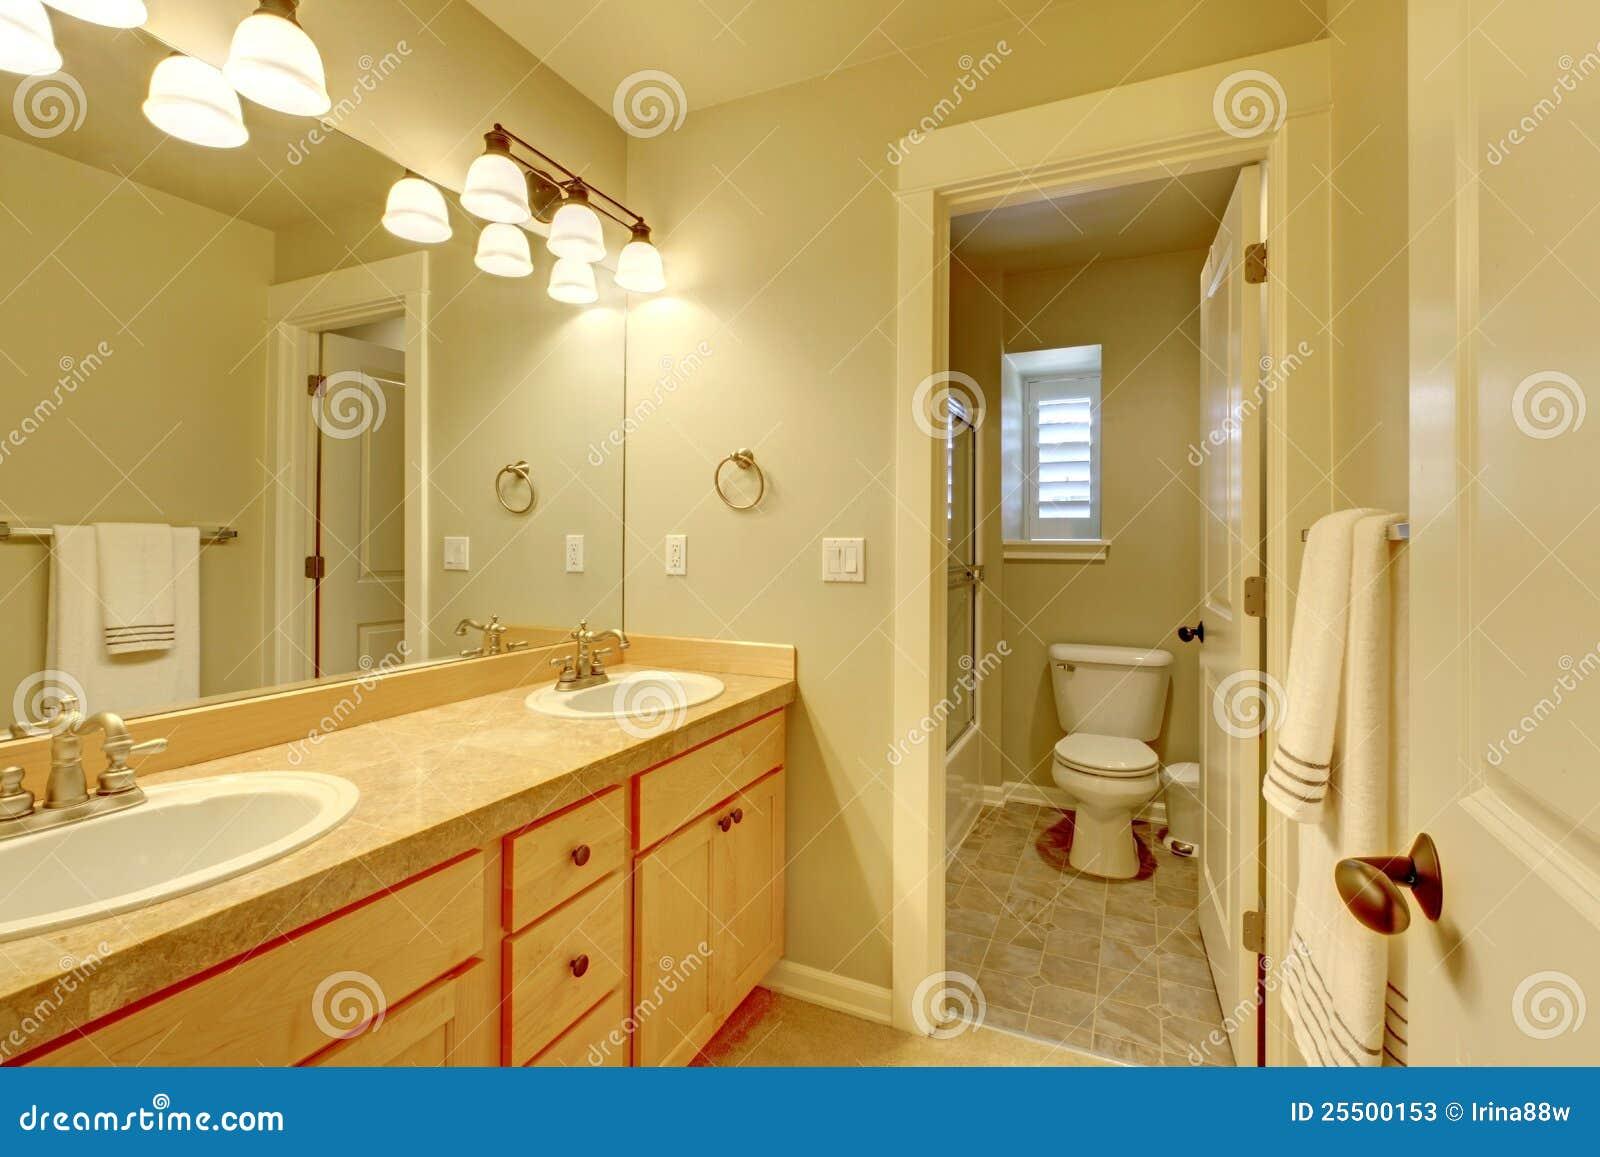 Banheiro Do Dissipador Do Clássico Dois Na Cor Bege. Fotos de Stock  #7F3A0C 1300x957 Banheiro Bege Fotos